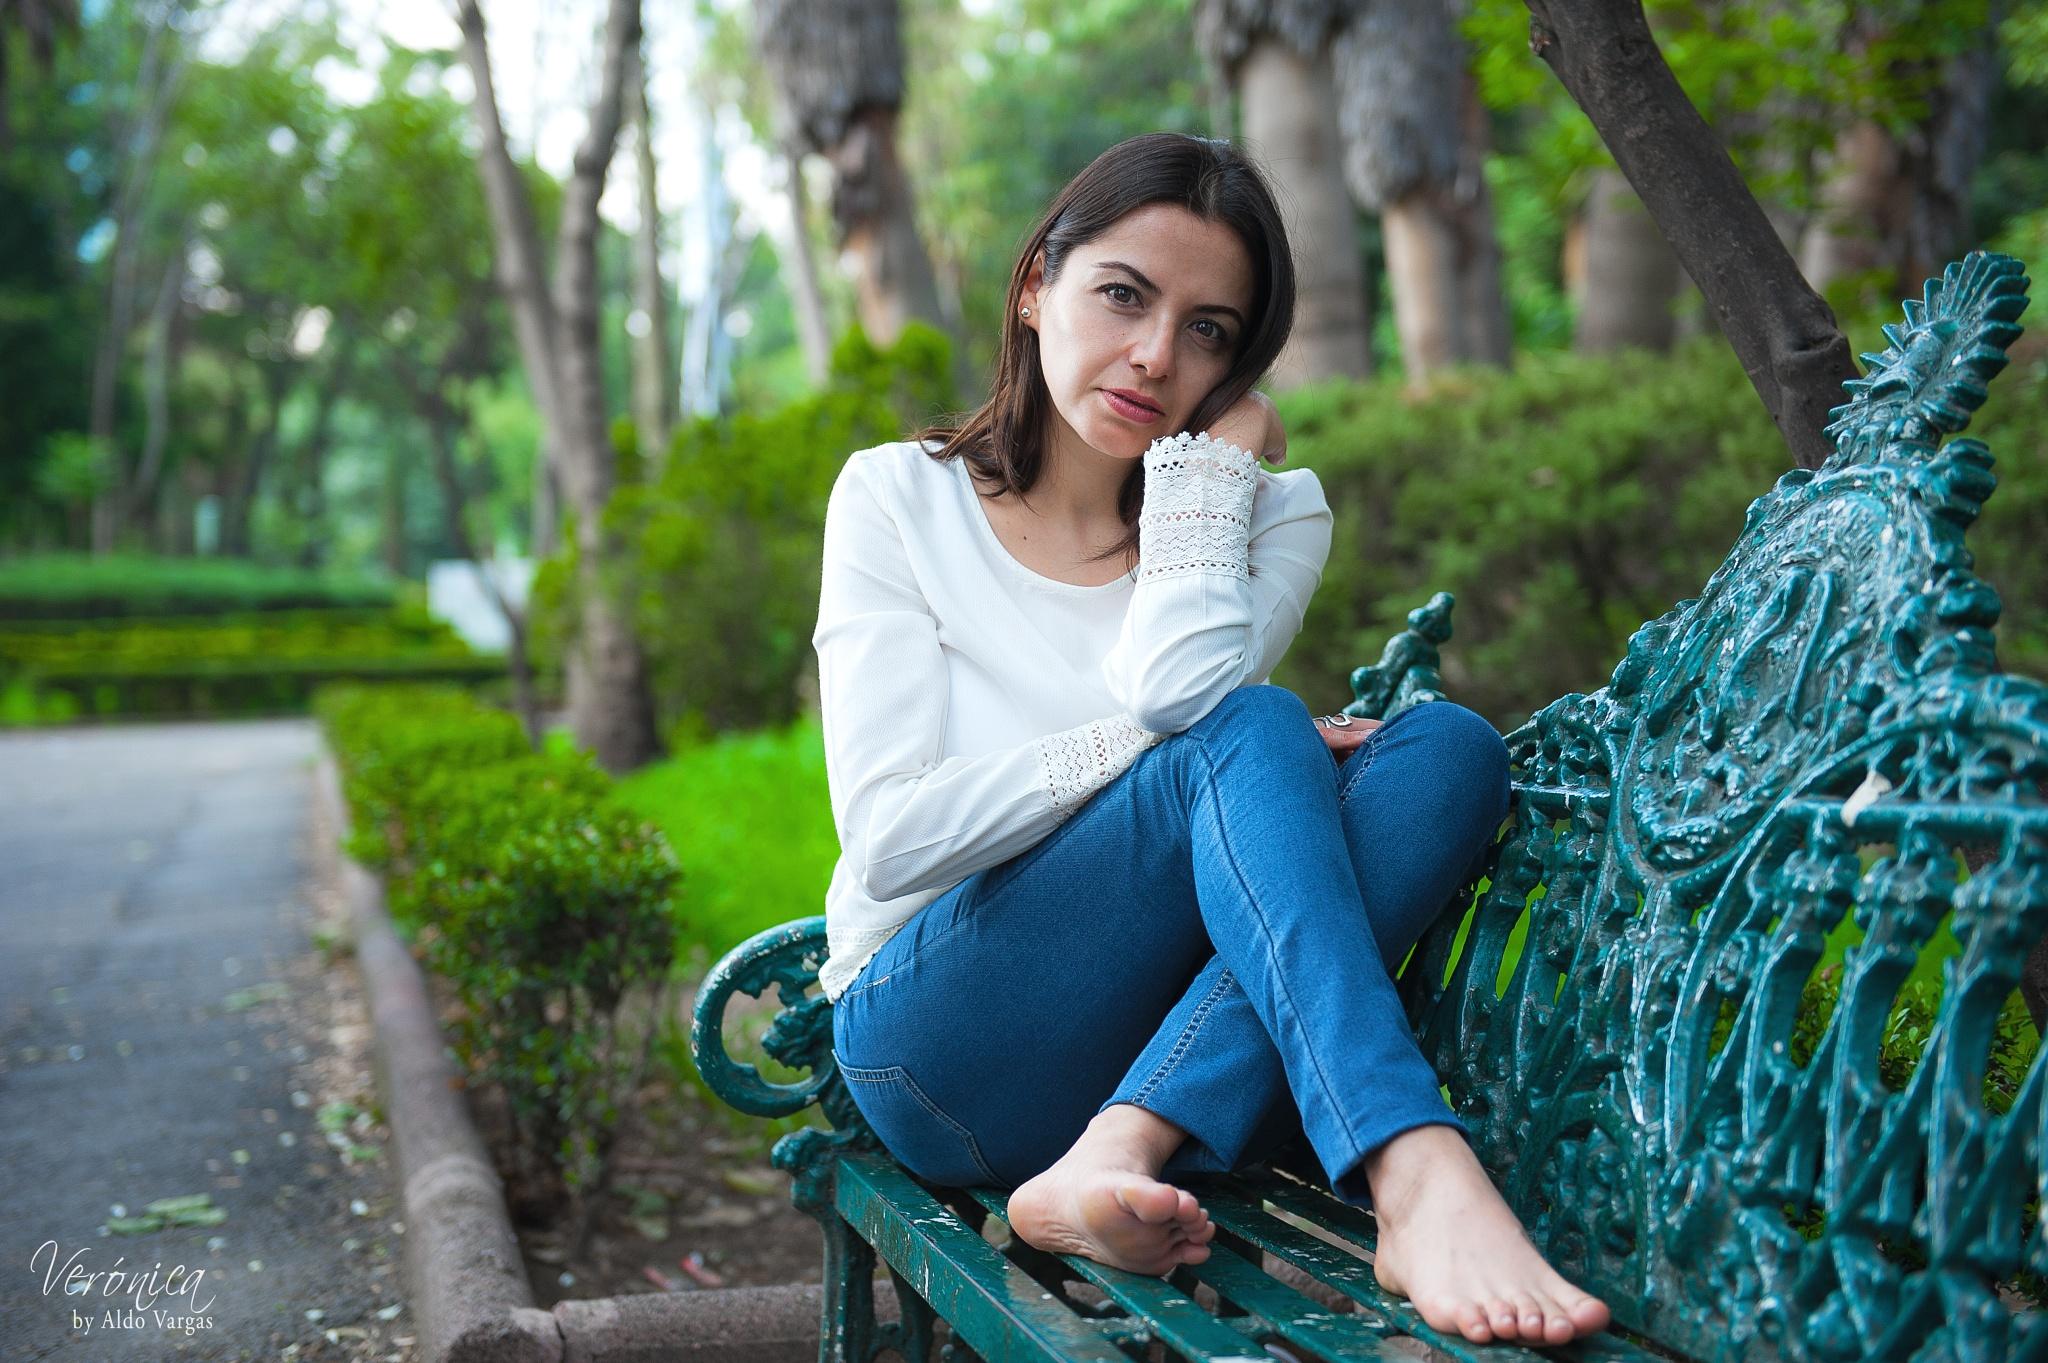 Woman by Aldo VC